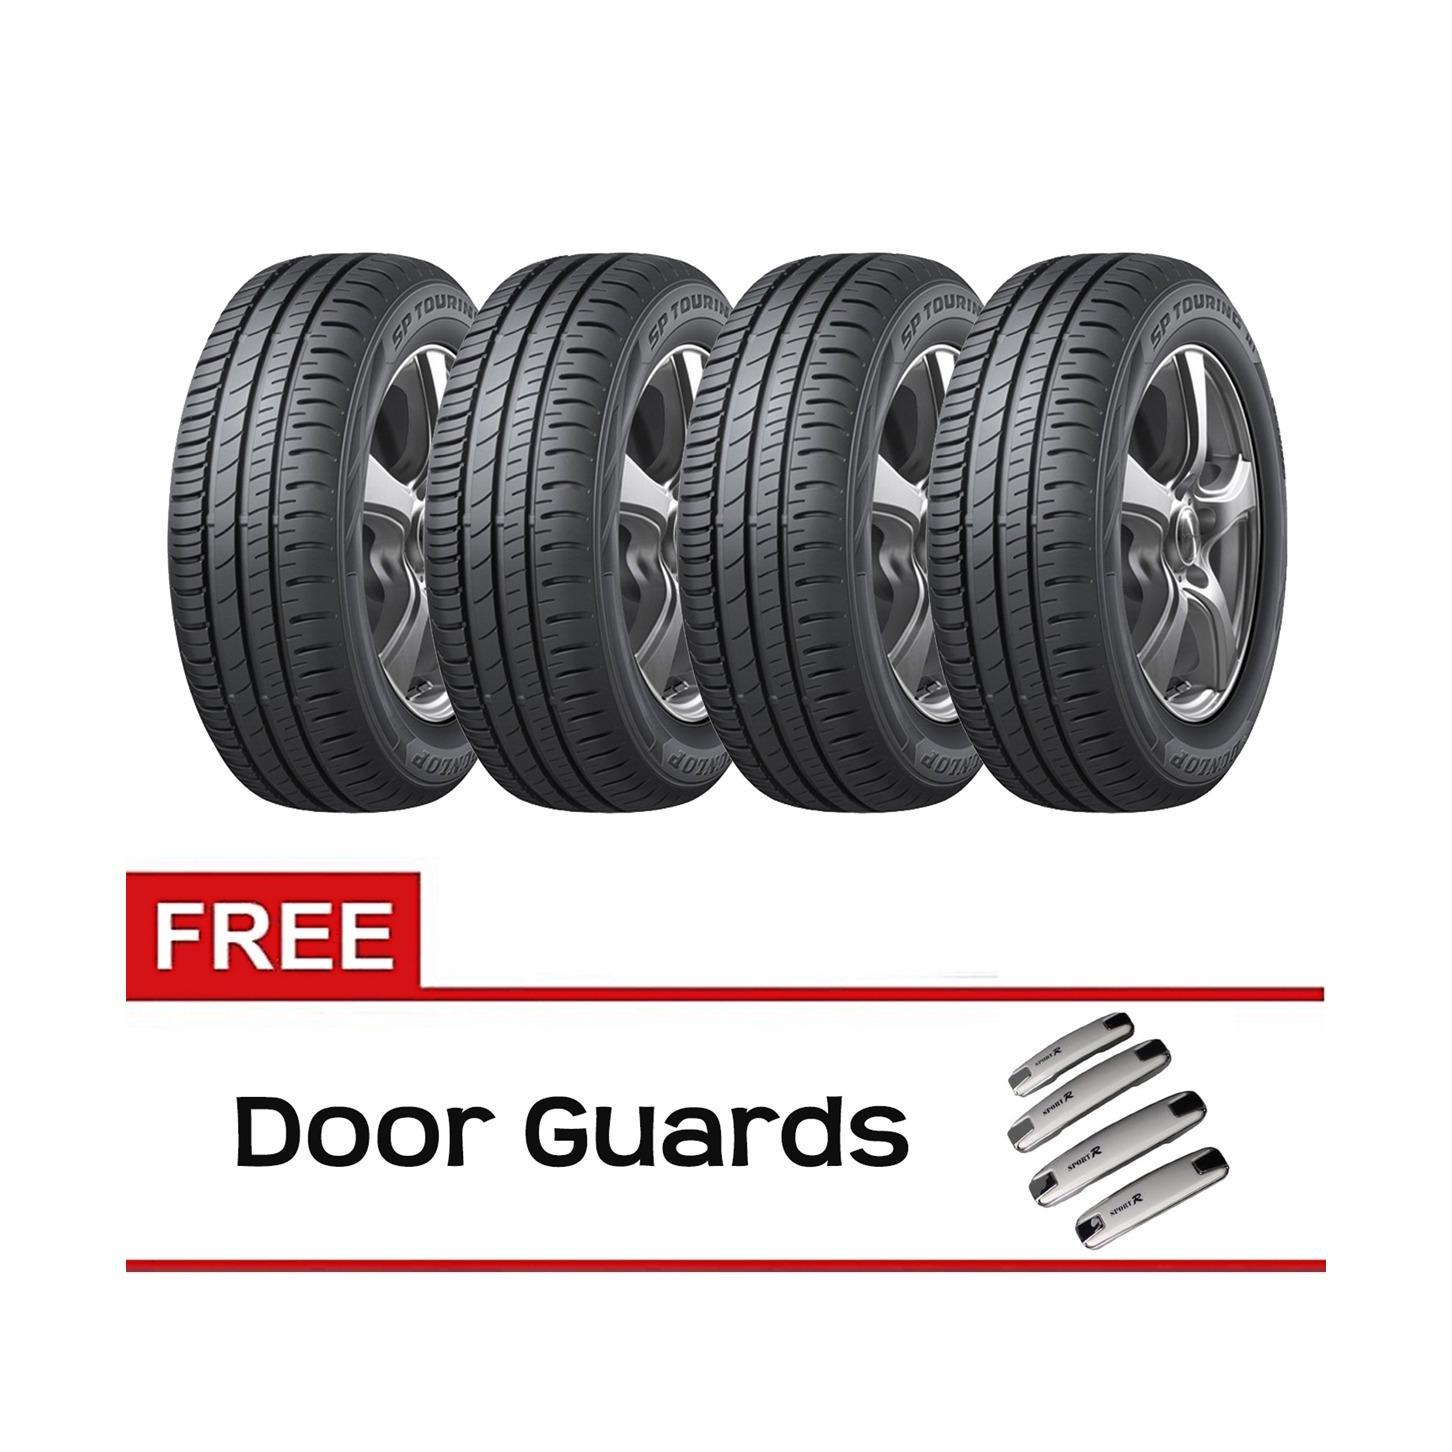 Toko Indonesia Perbandingan Harga Dunlop 11 05 18 Ban Mobil D80v4 205 65 R15 Vocer Sp Touring R1 60 4 Pcs Gratis Door Guards